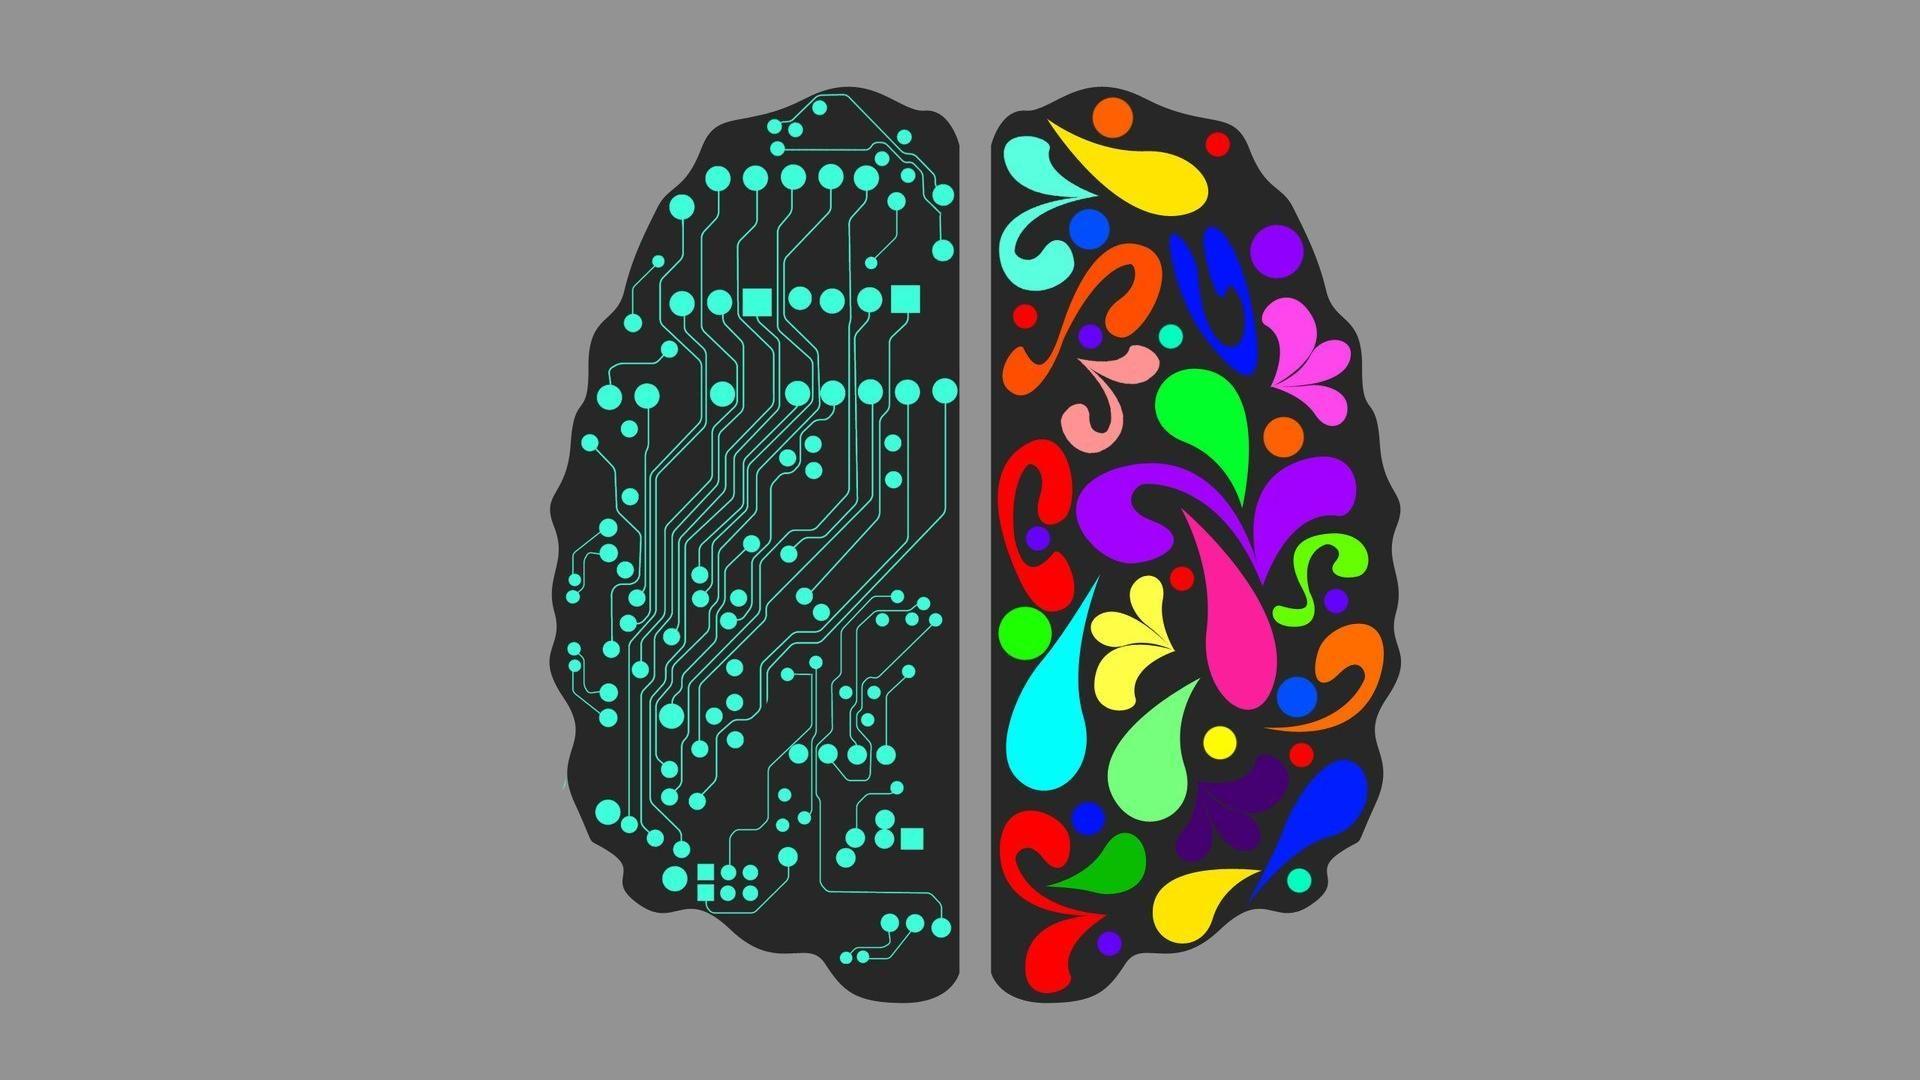 Brain computer wallpaper